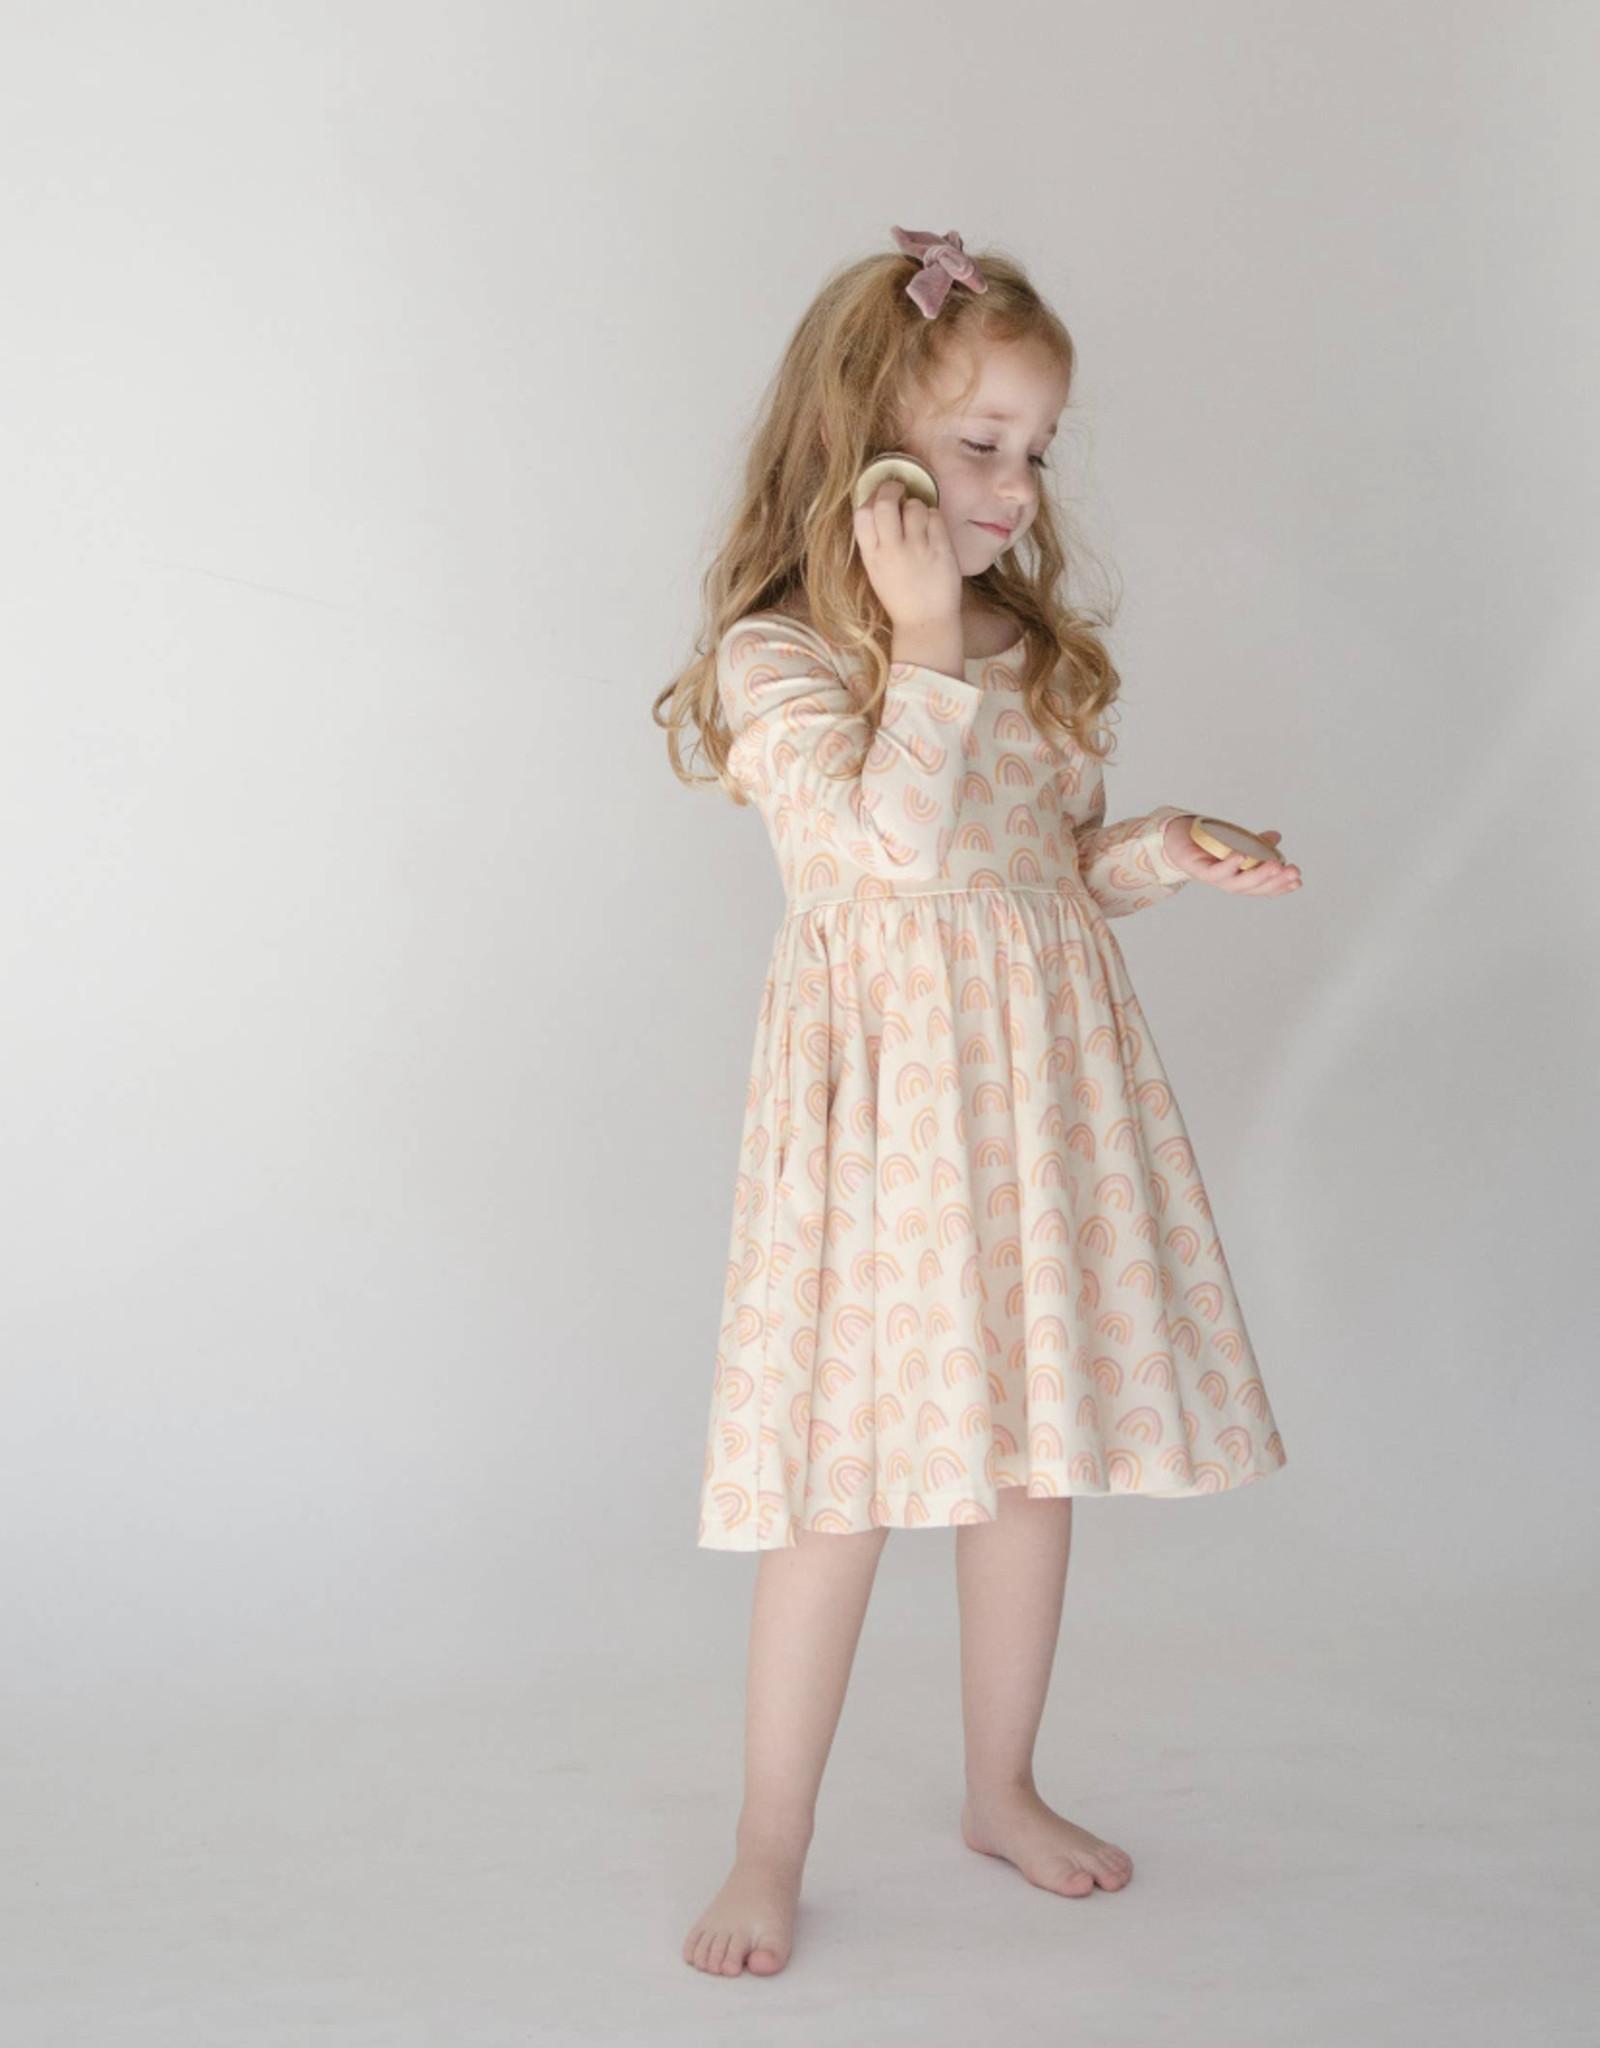 ollie jay Gwendolyn Dress in Muted Rainbow